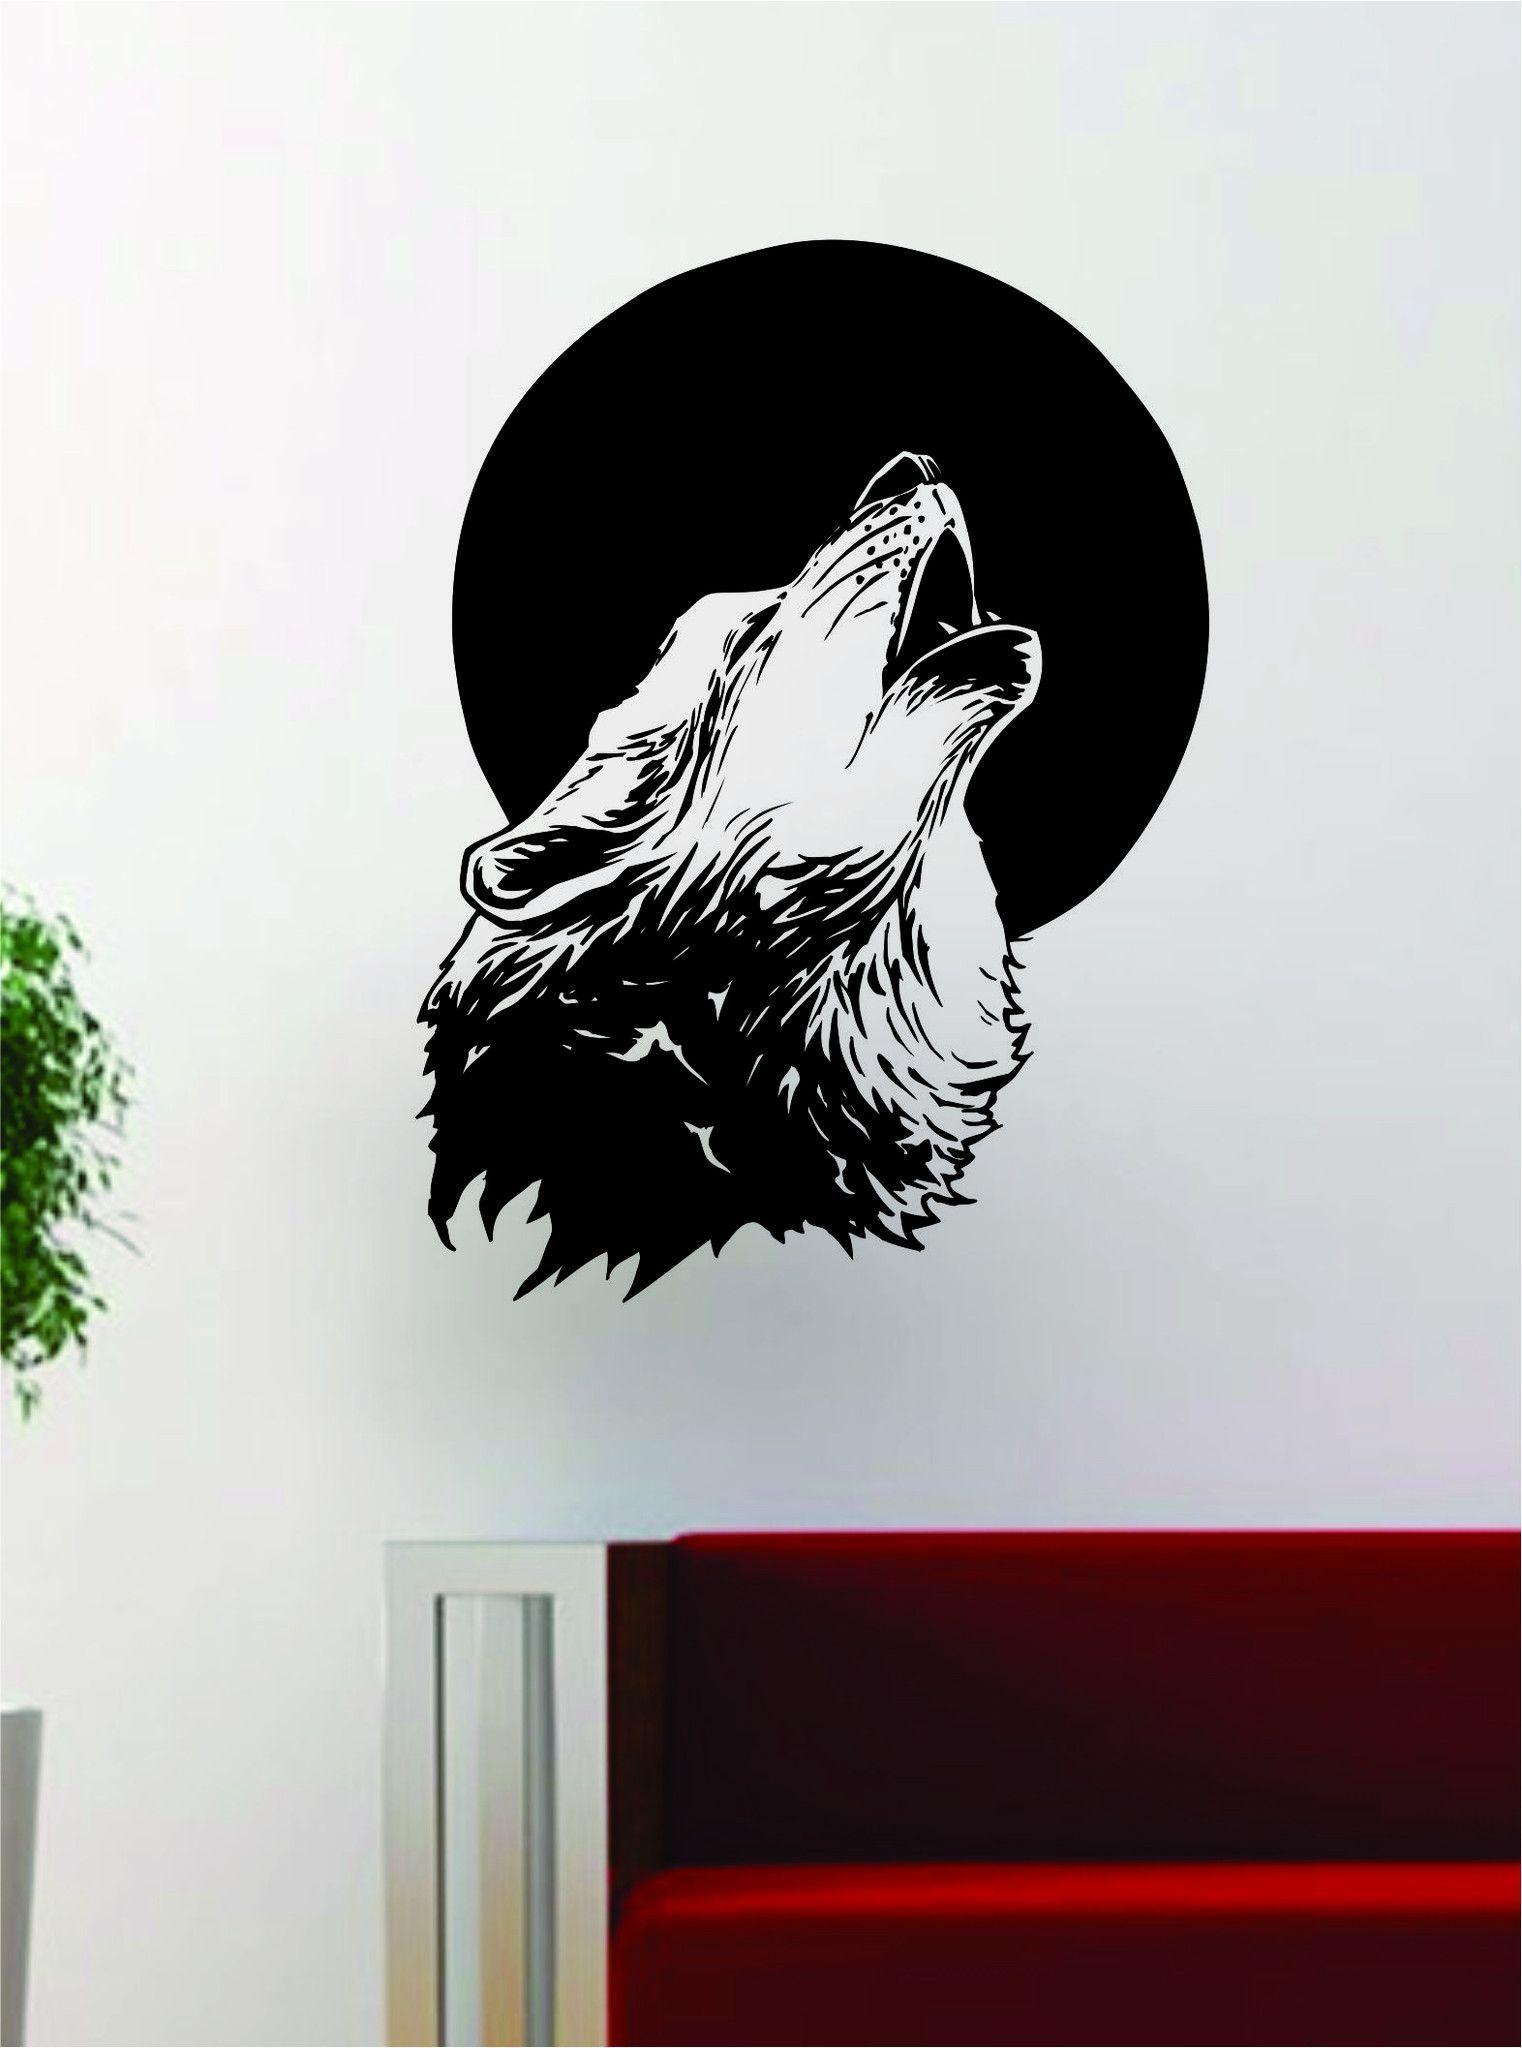 Wolf Howling Moon Design Decal Sticker Wall Vinyl Art Home